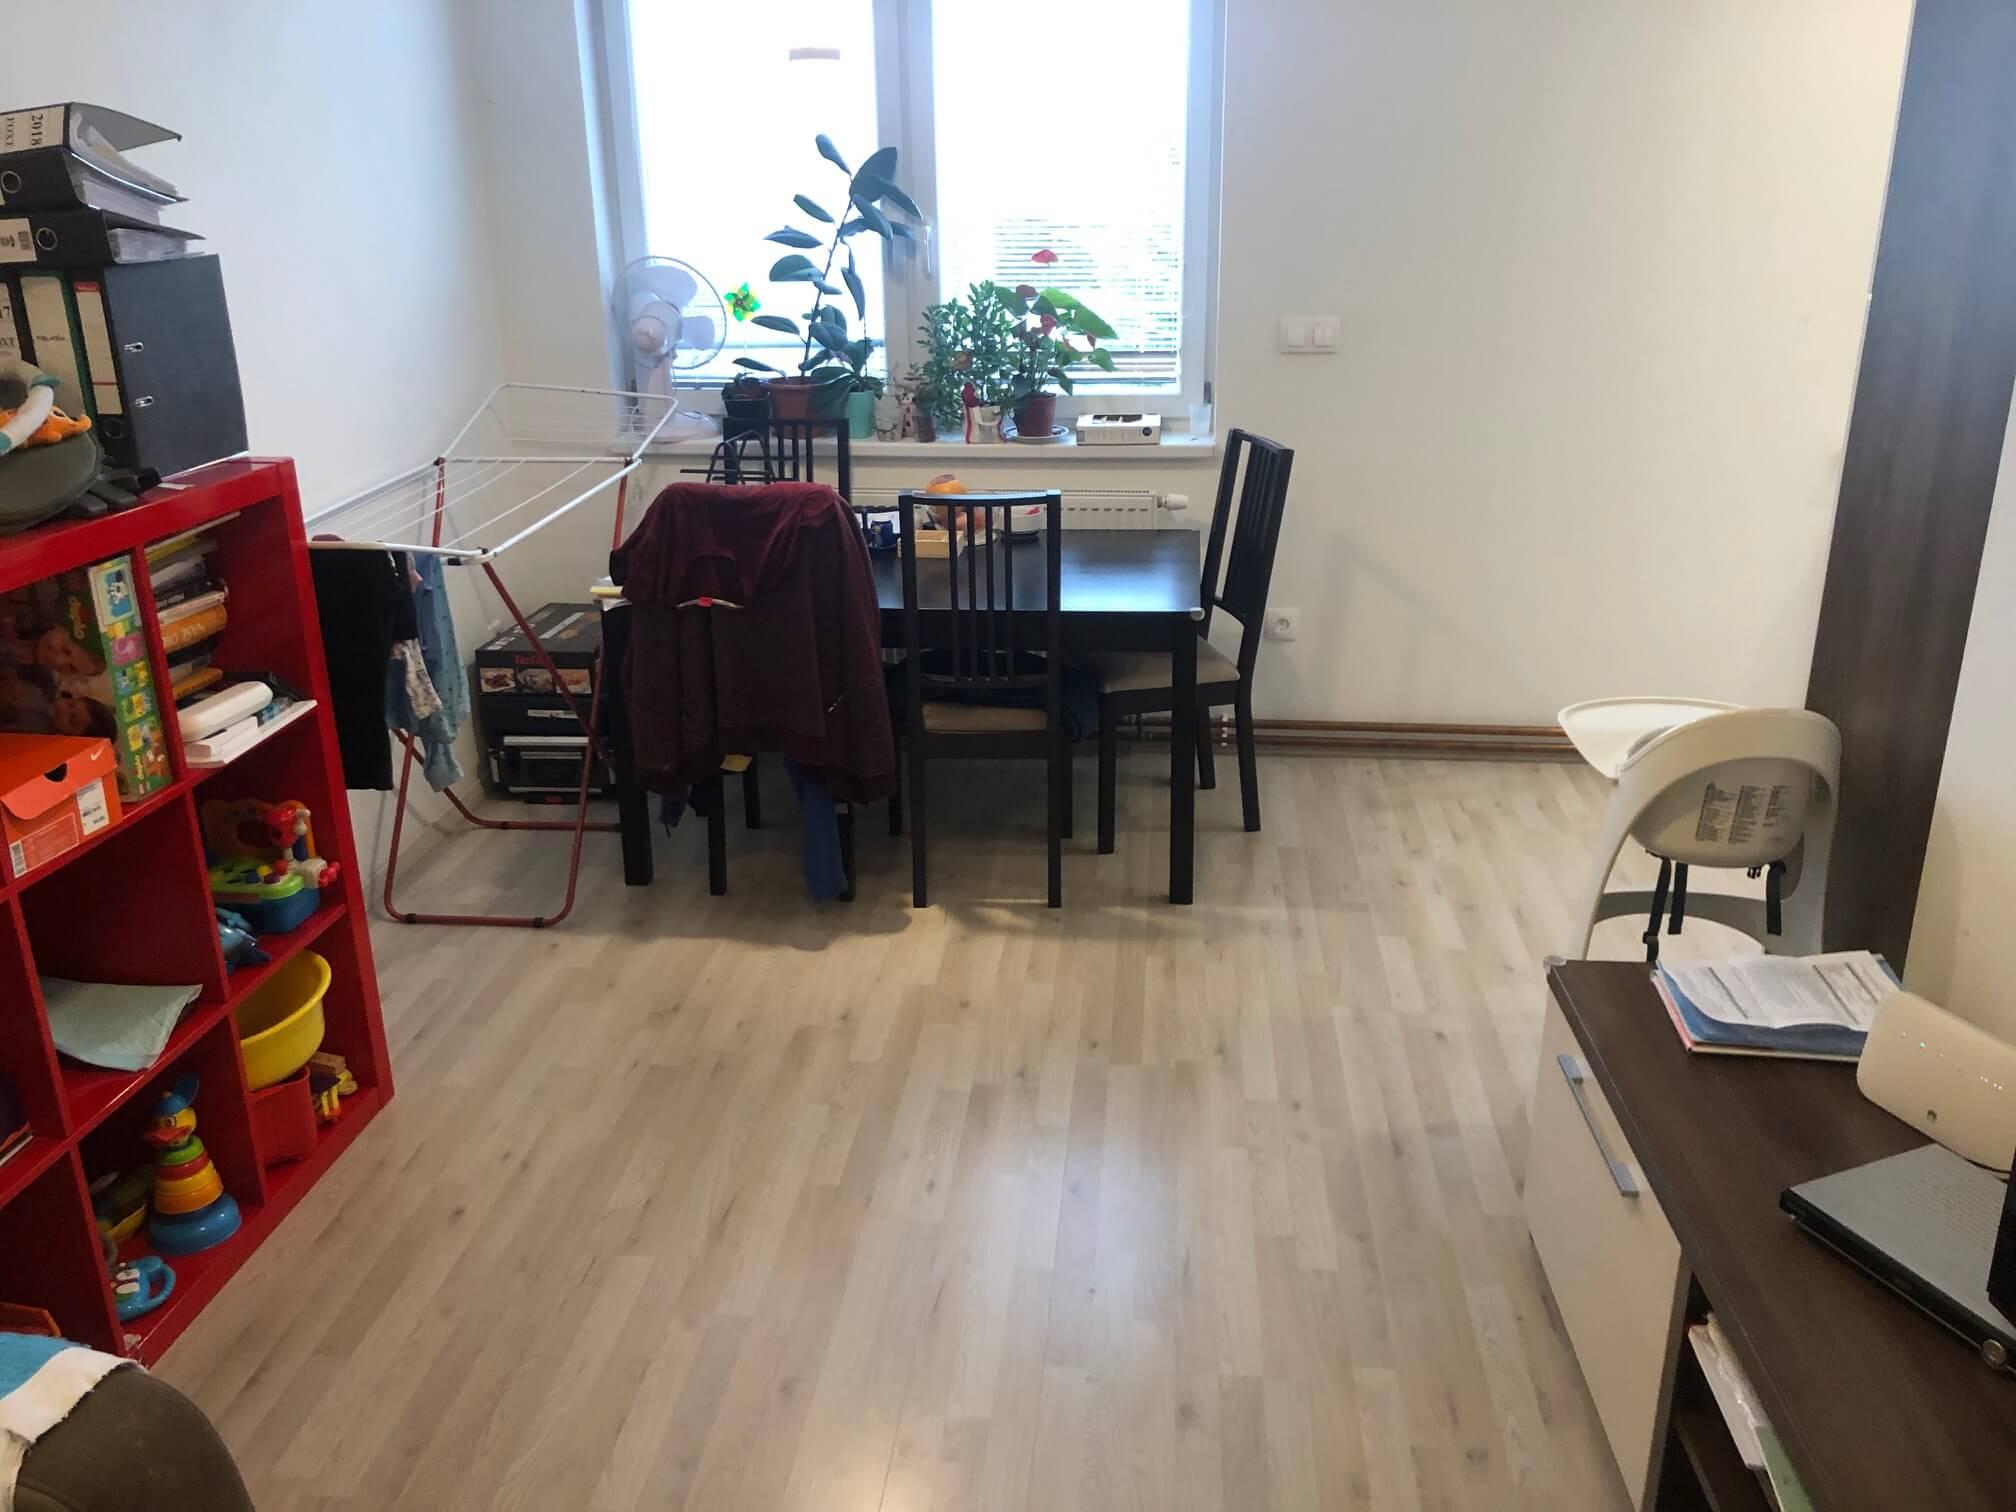 Prenajaté: Prenájom 2 izb. byt, Luxusne zariadeny, v tichej lokalite, Brnianska 4, nad Farbičkou, Malacky,-4